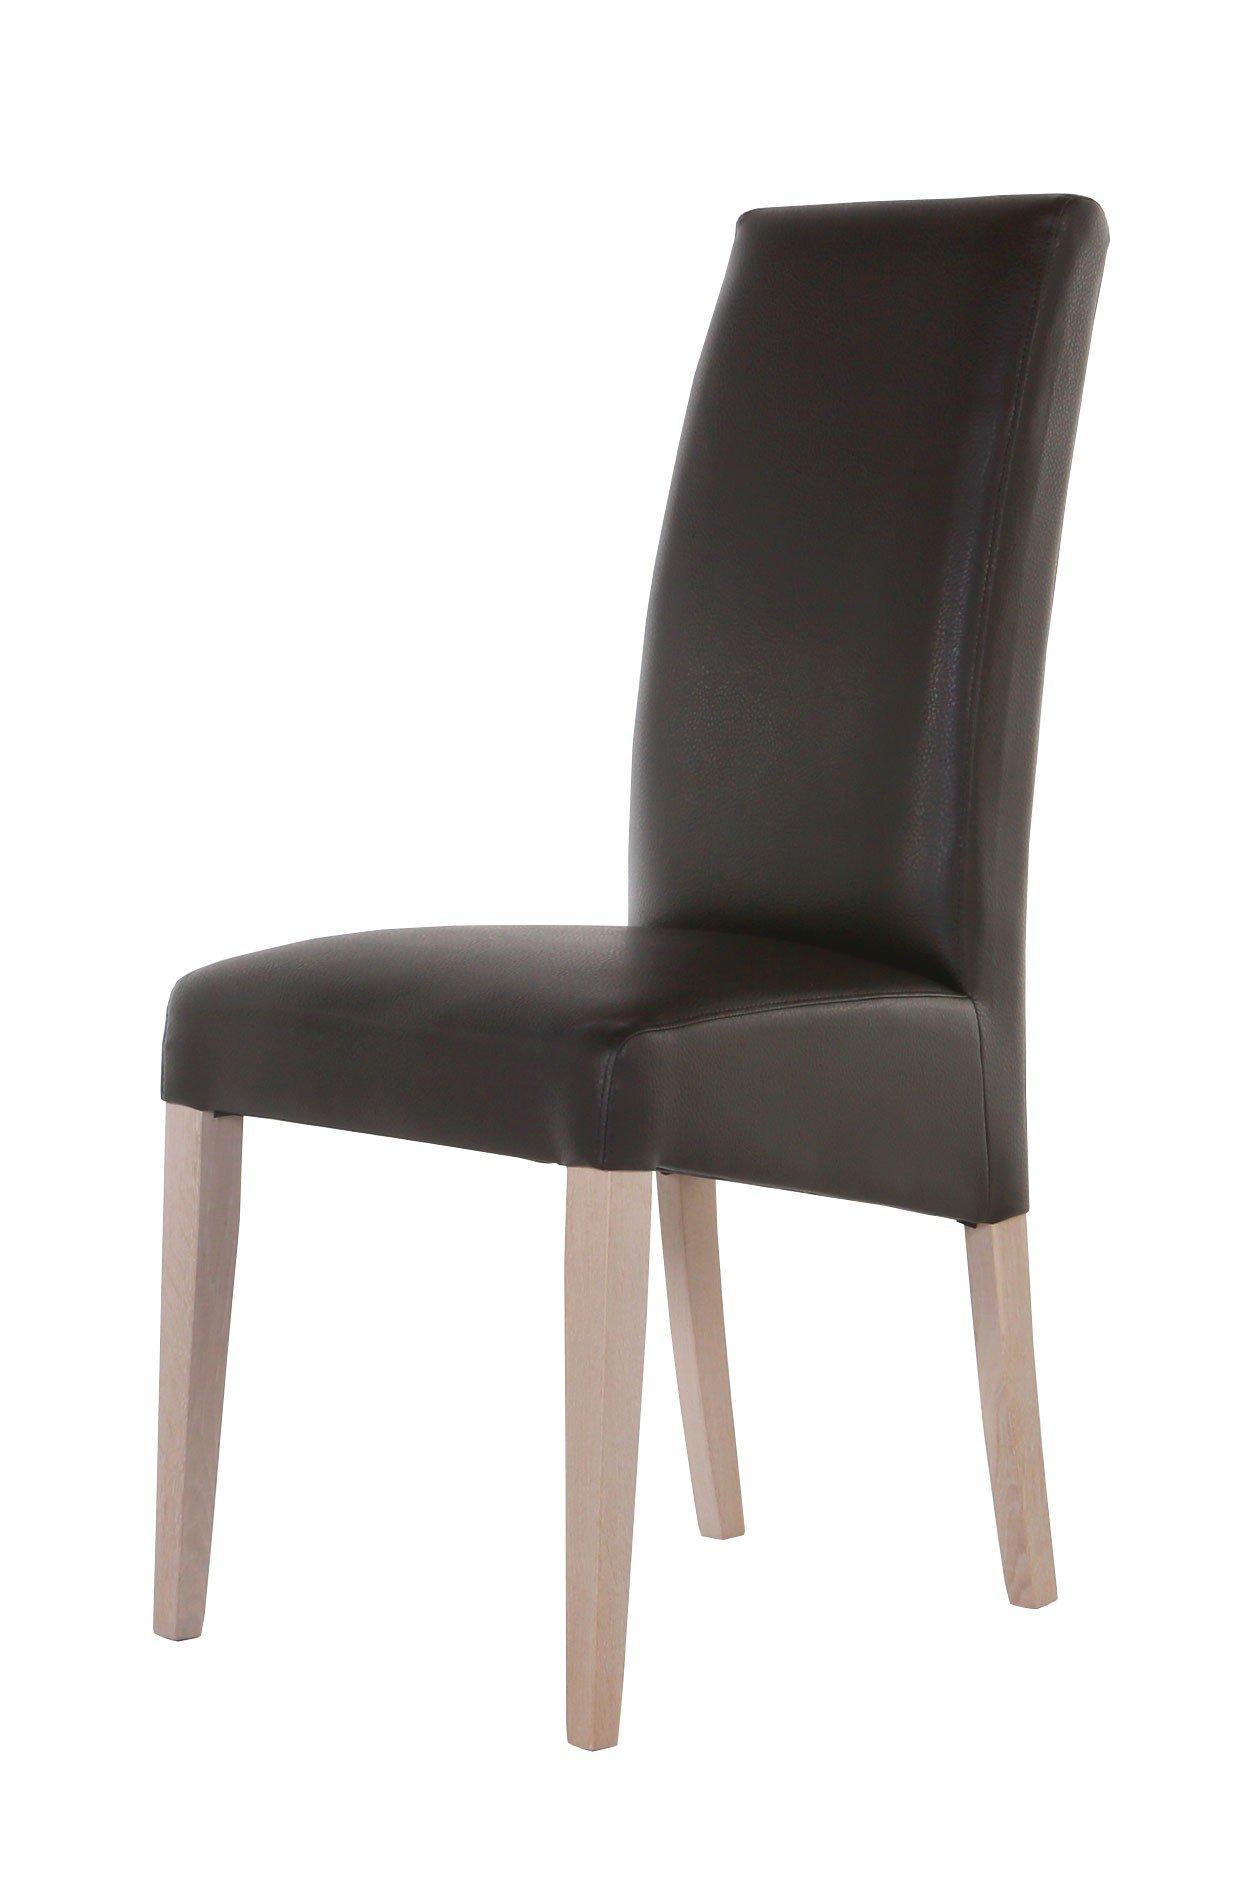 standard furniture stuhl rudi in braun eiche sonoma m bel letz ihr online shop. Black Bedroom Furniture Sets. Home Design Ideas